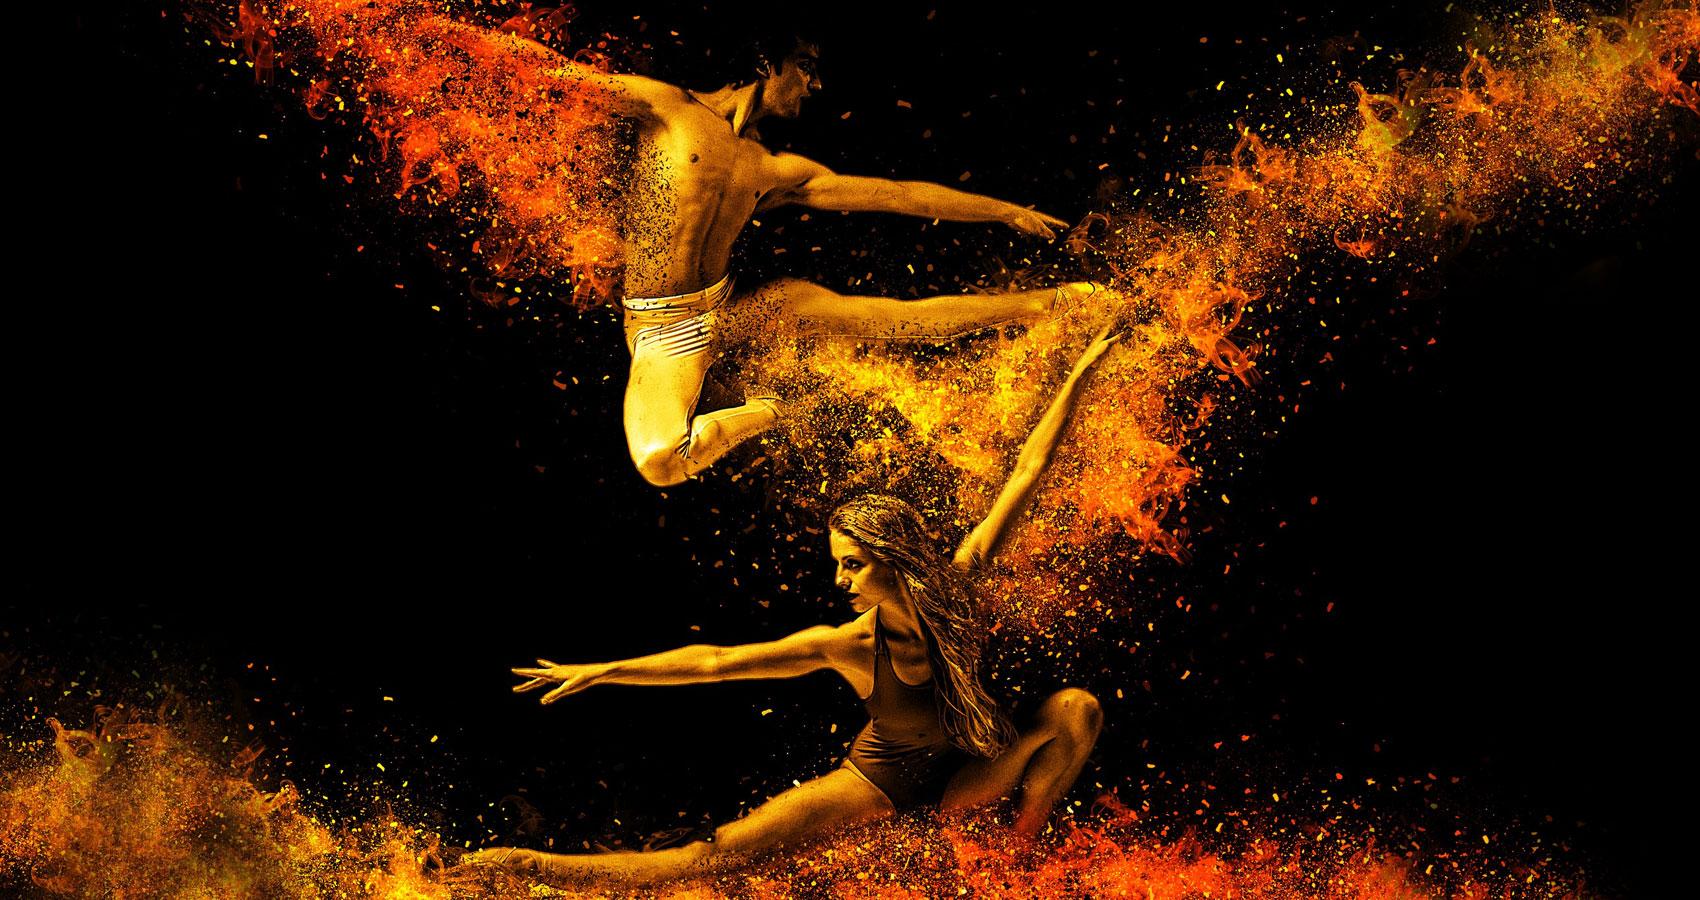 картинки жизнь как танец что нижеописанная информация